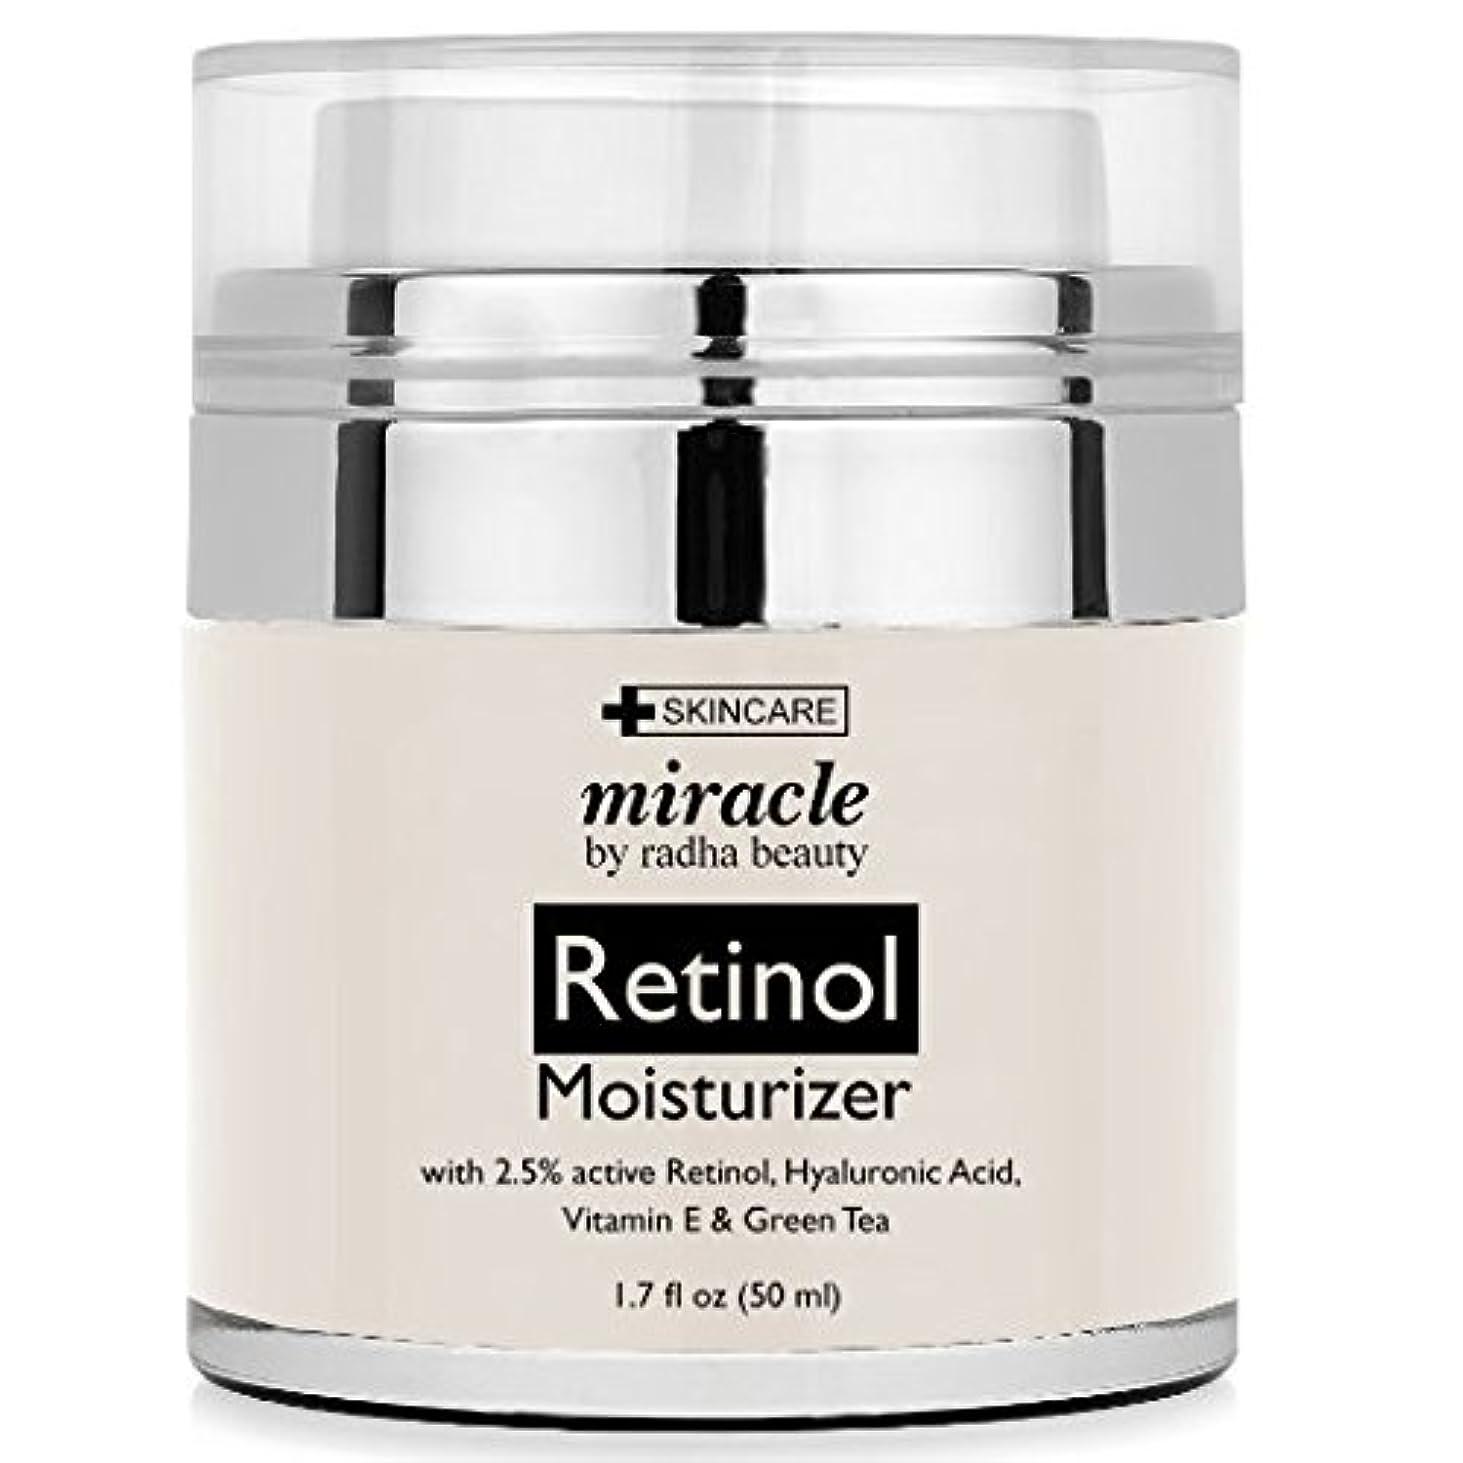 事実上パシフィック衝突レチノール 保湿クリーム Retinol Moisturizer Cream for Face - With Retinol, Hyaluronic Acid, Tea Tree Oil and Jojoba Oil、 50ml (海外直送品) [並行輸入品]